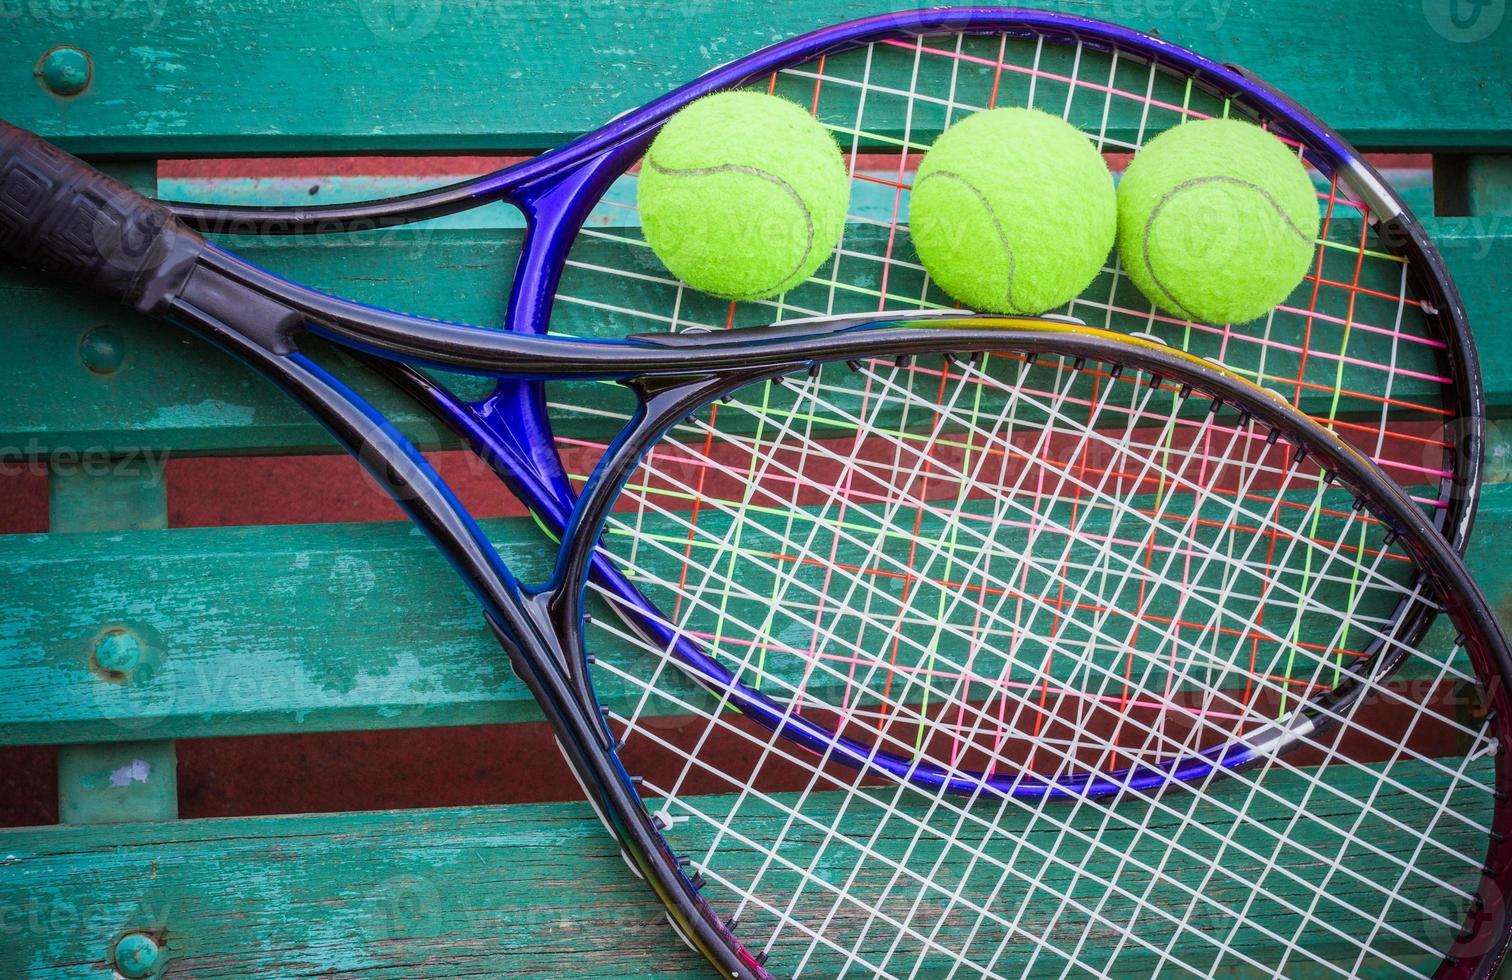 tennisracket met ballen op tennisbaan foto